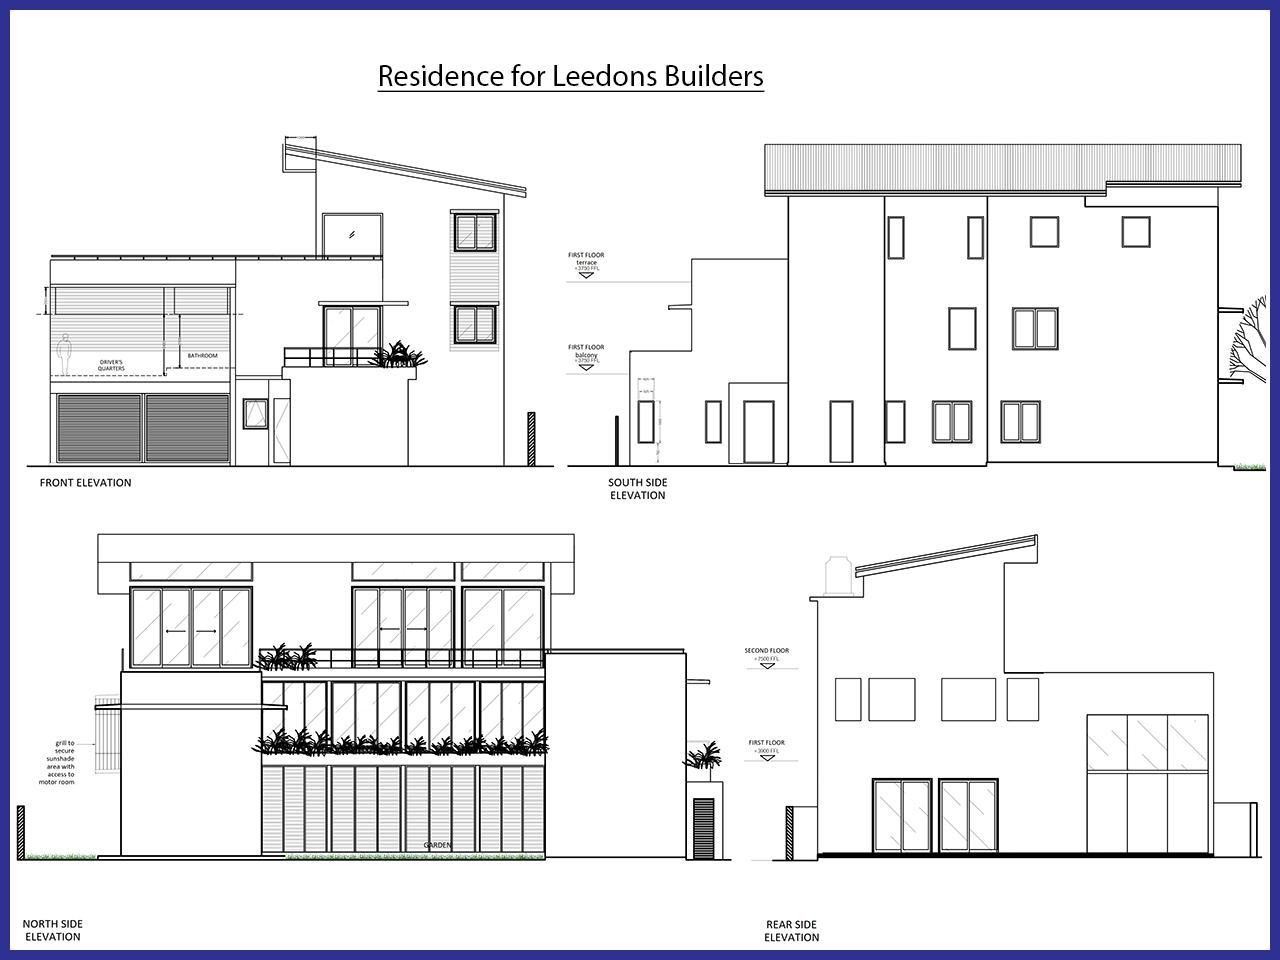 Residence for Leedons Builders